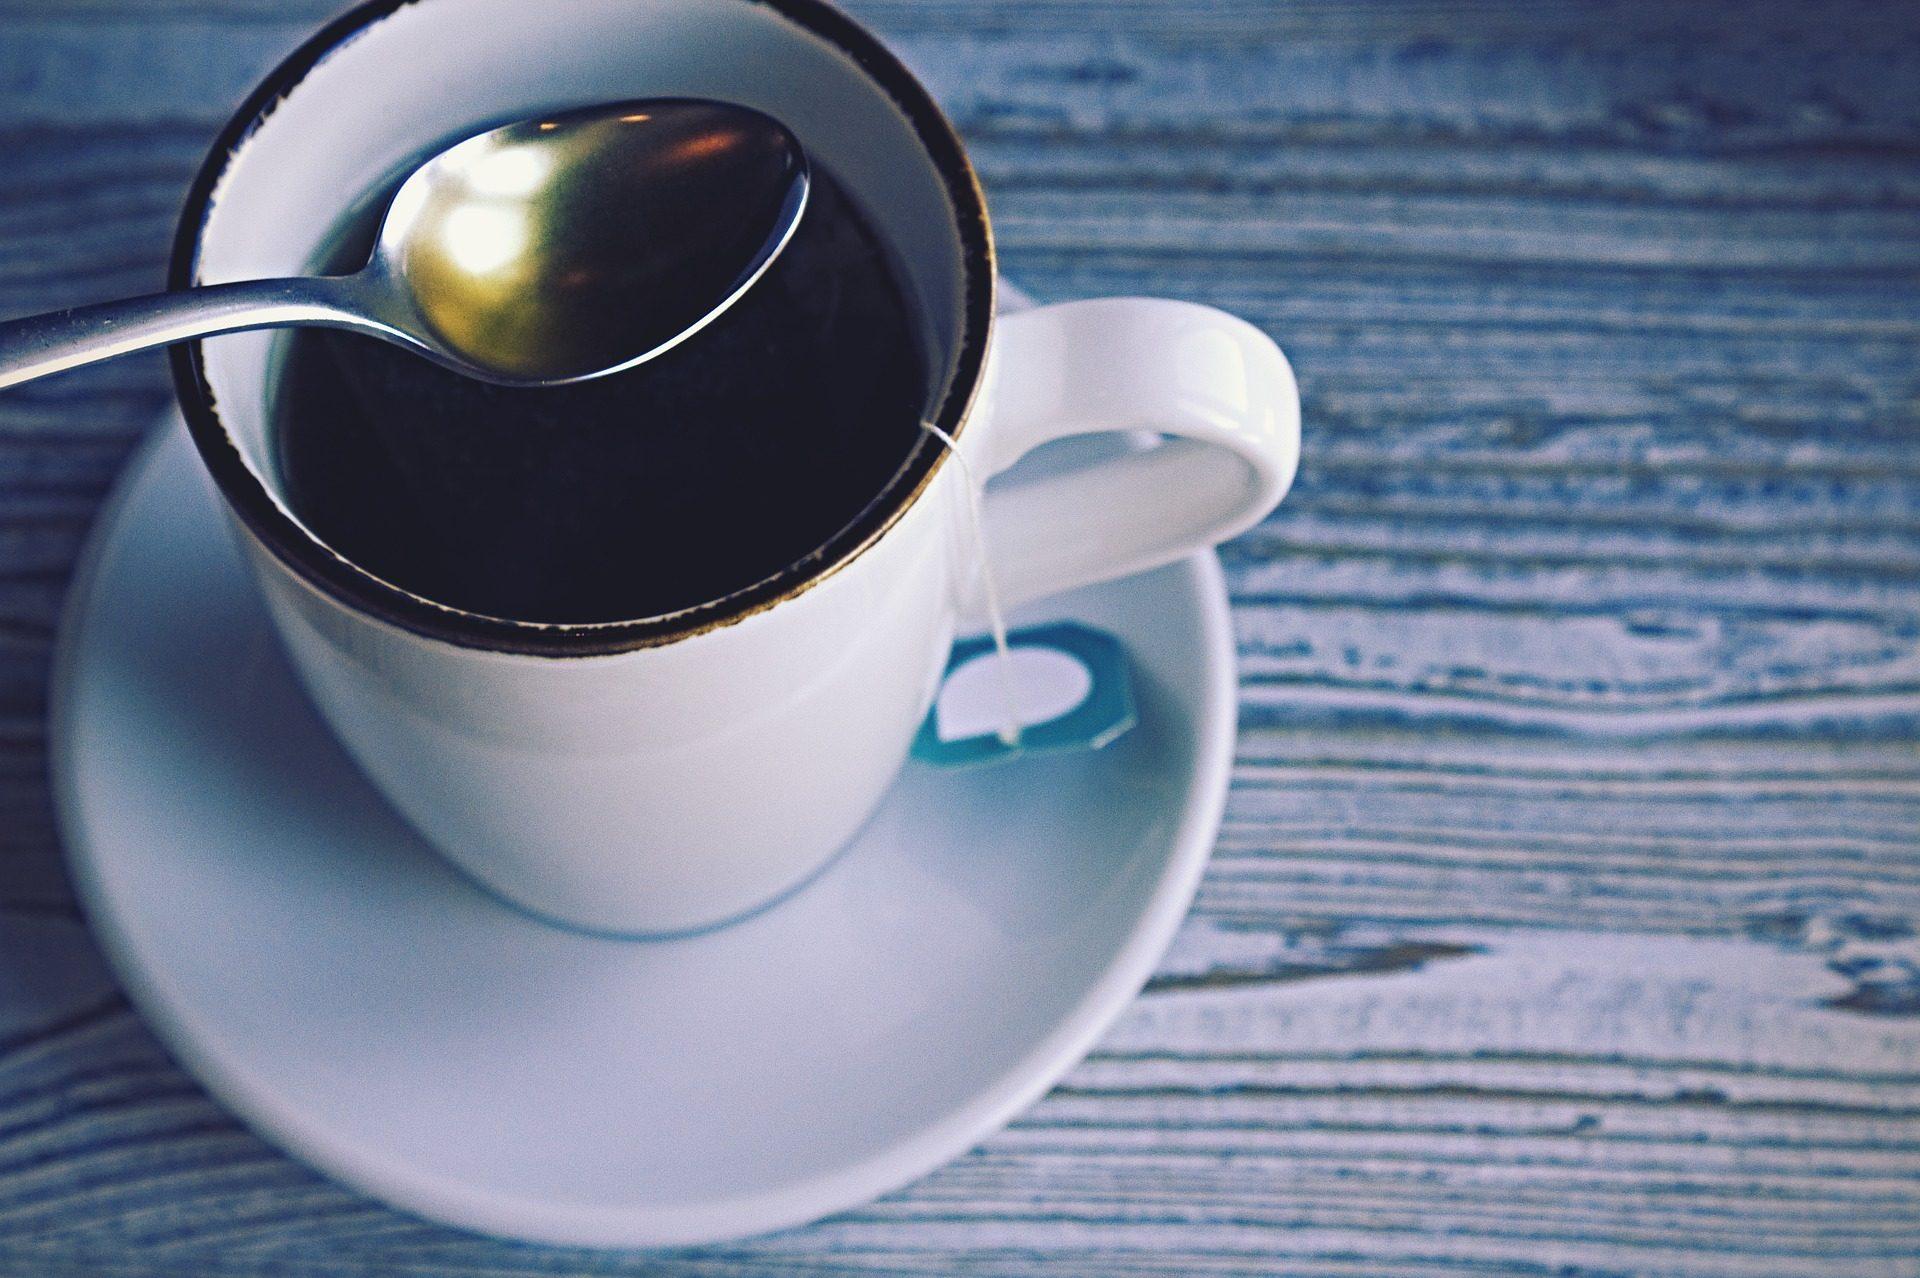 tè, Coppa, Cucchiaio, infusione, legno - Sfondi HD - Professor-falken.com